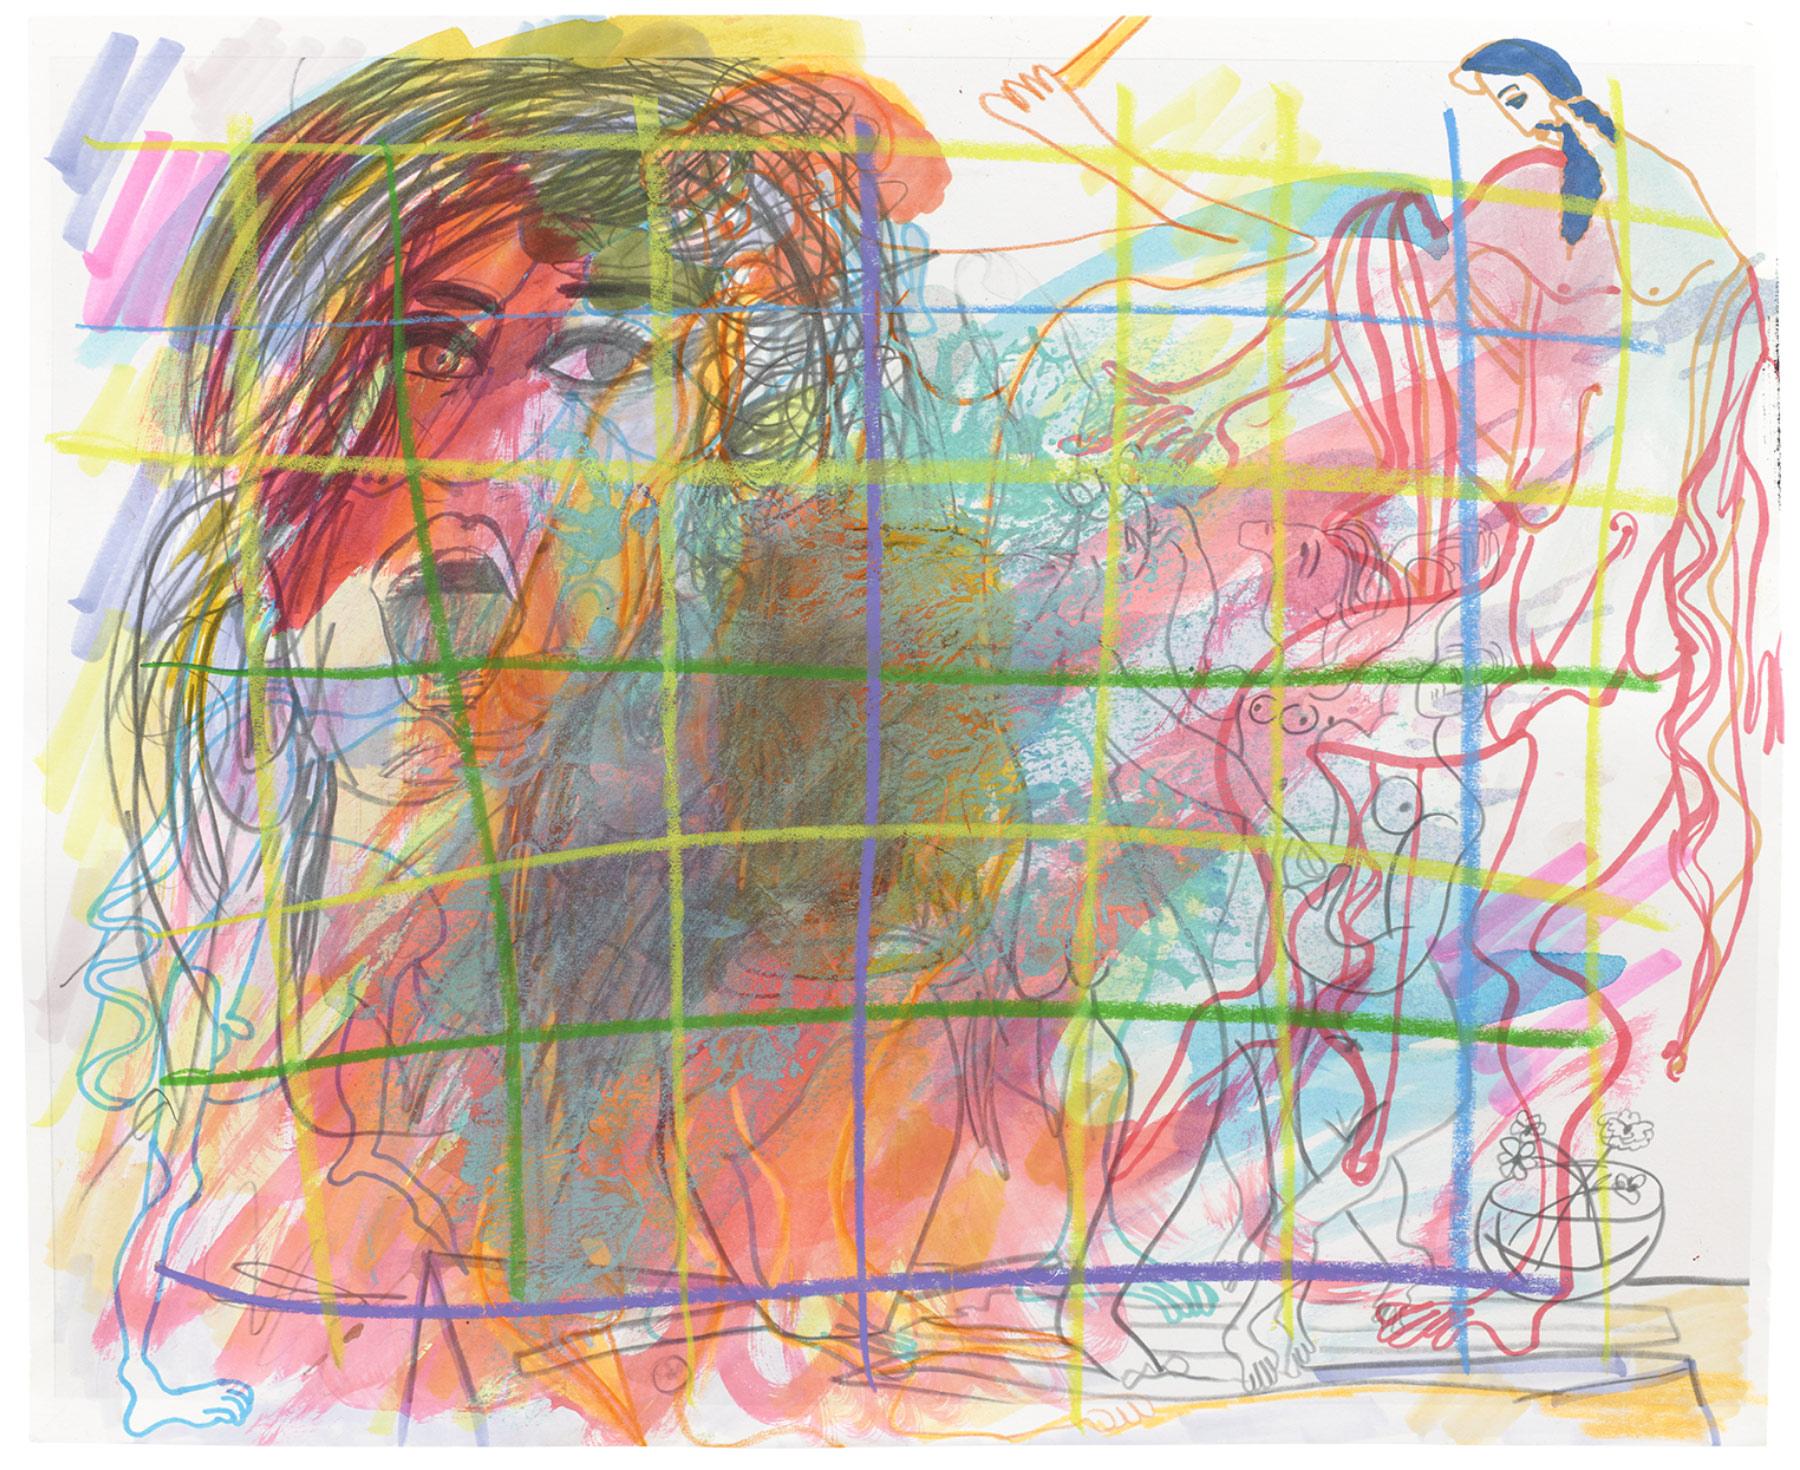 I più grandi artisti del mondo alle prese con la pandemia. Una mostra a New York